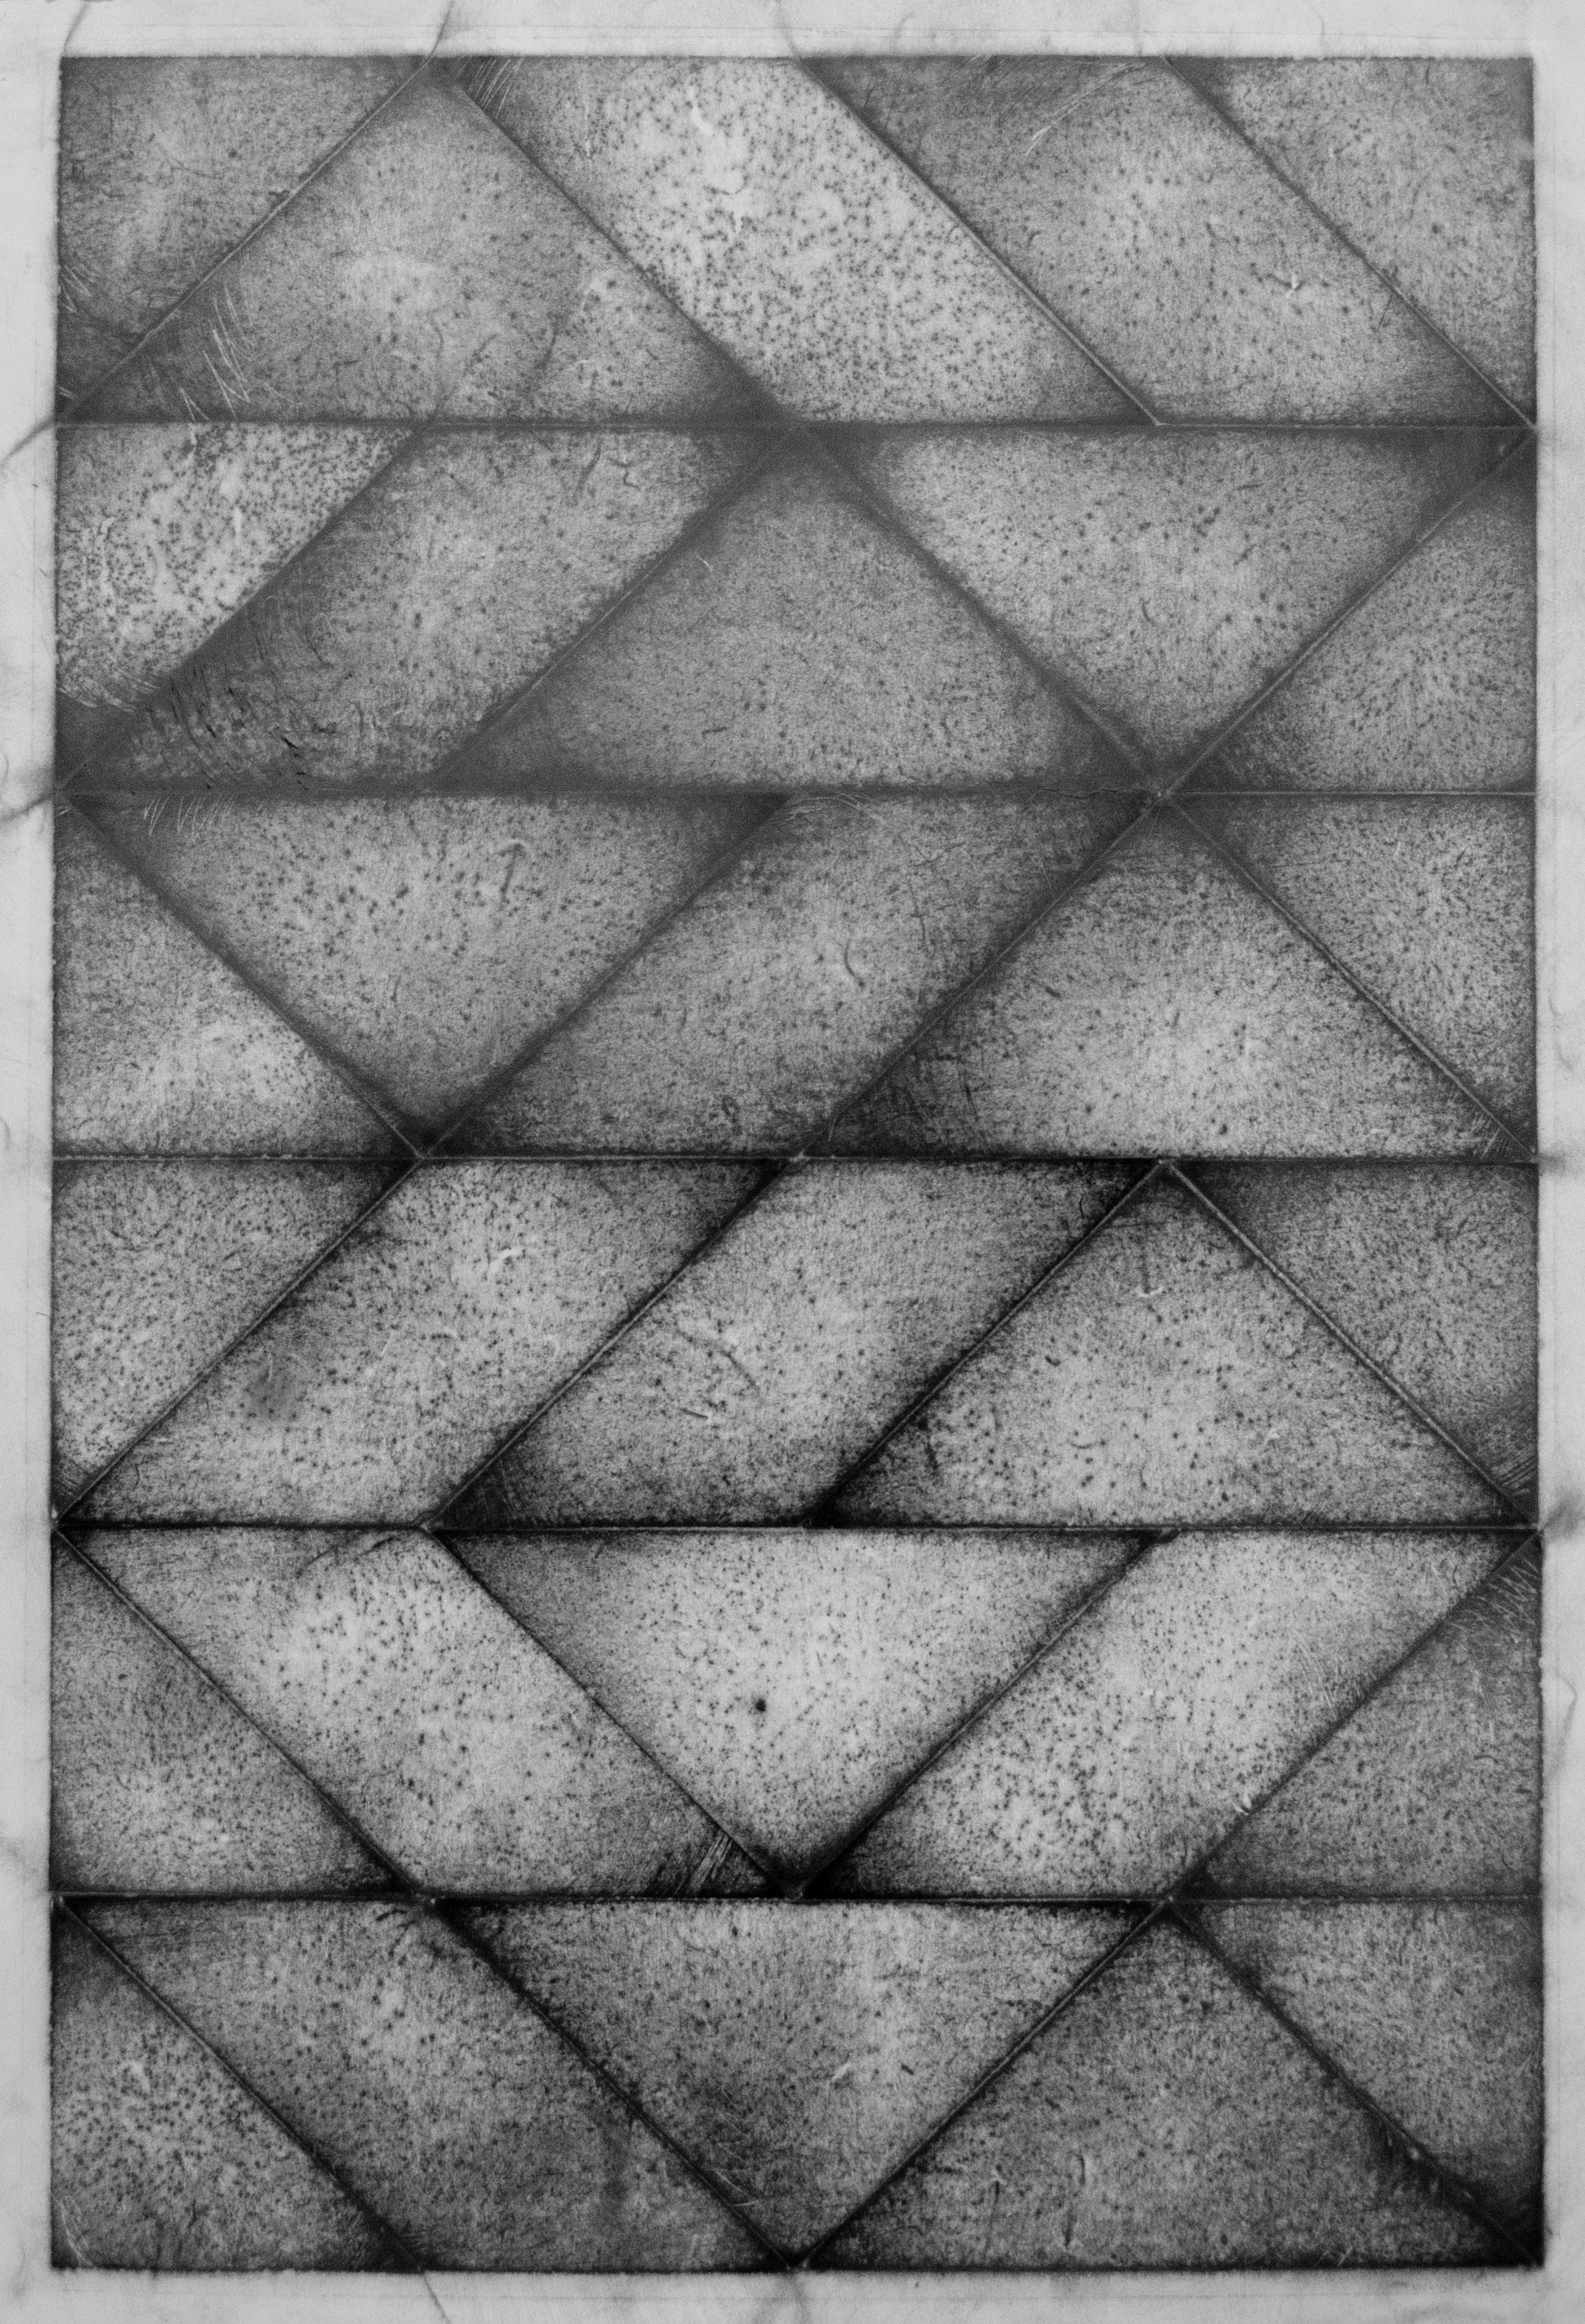 Driehoeken en parallellogrammen